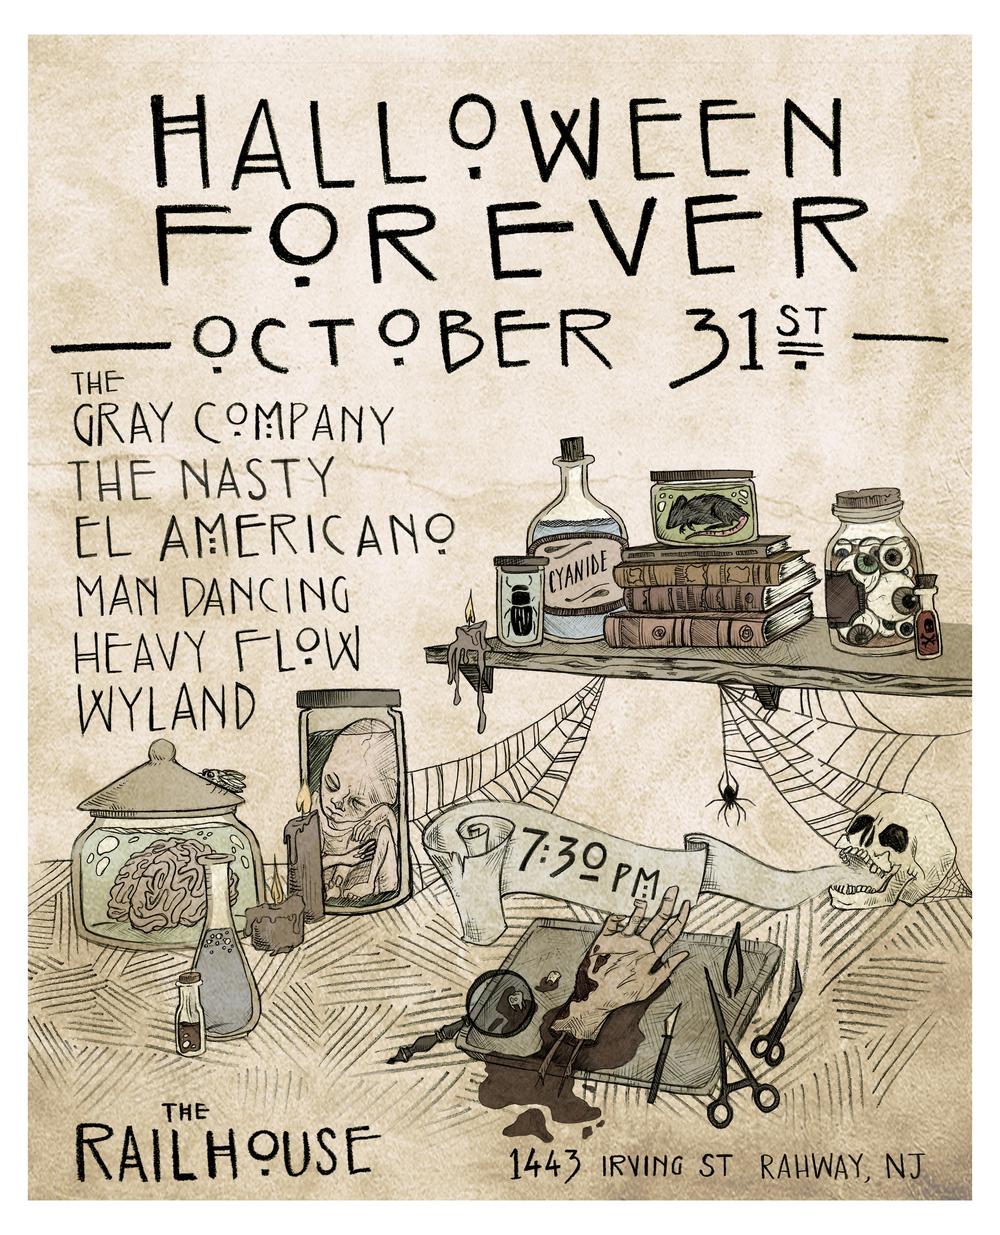 website_halloweenforever.jpg